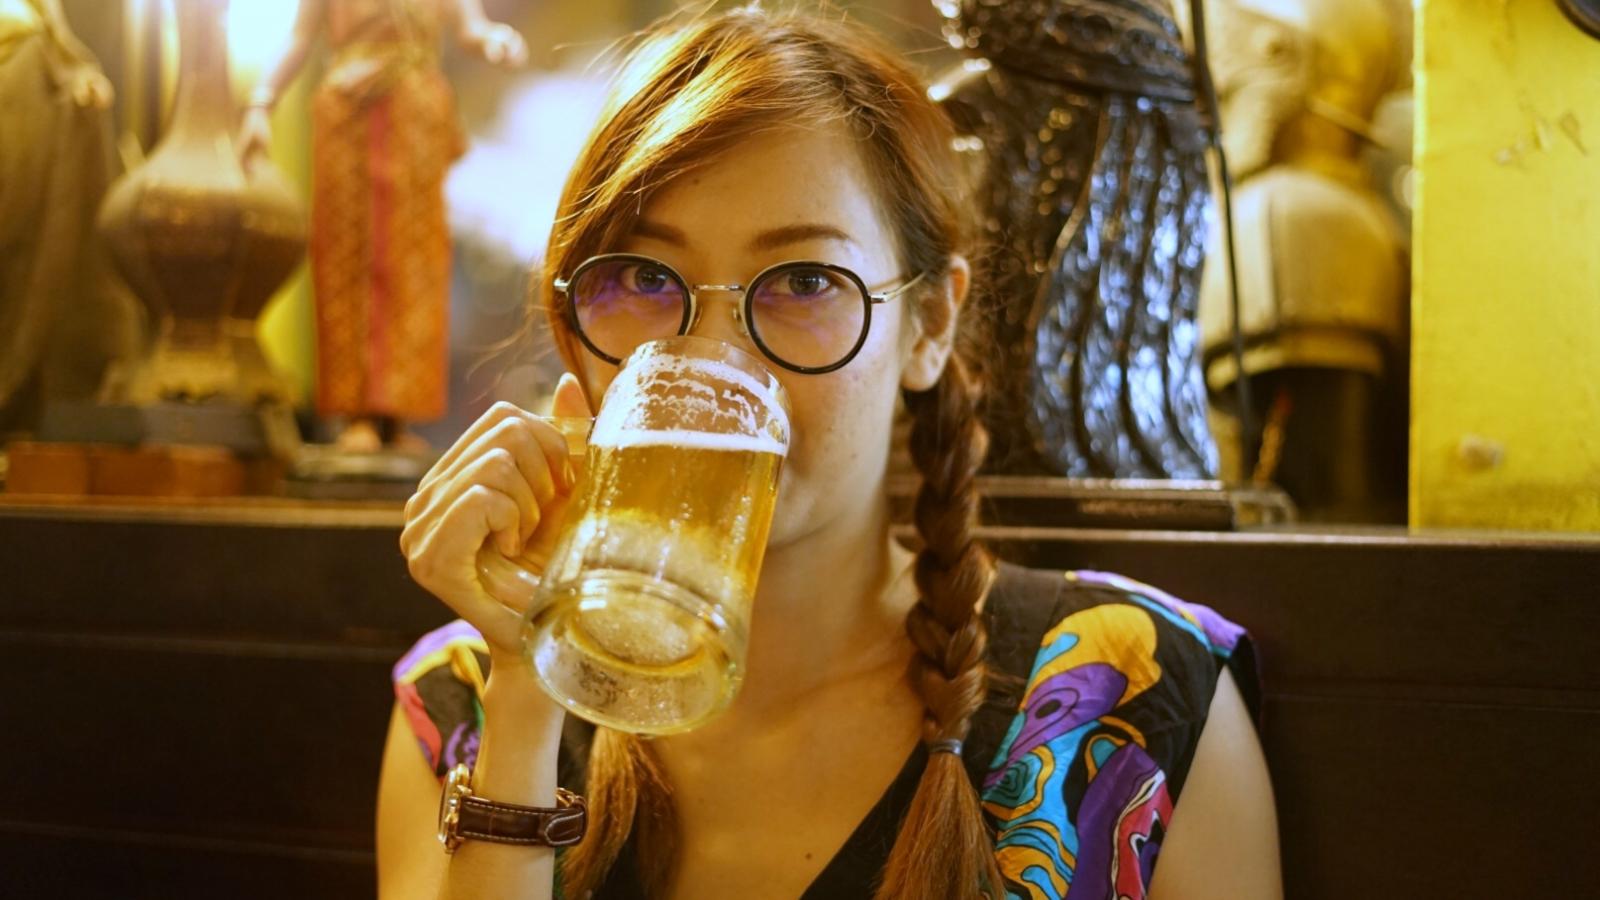 Chicas tomando cerveza - 1600x900